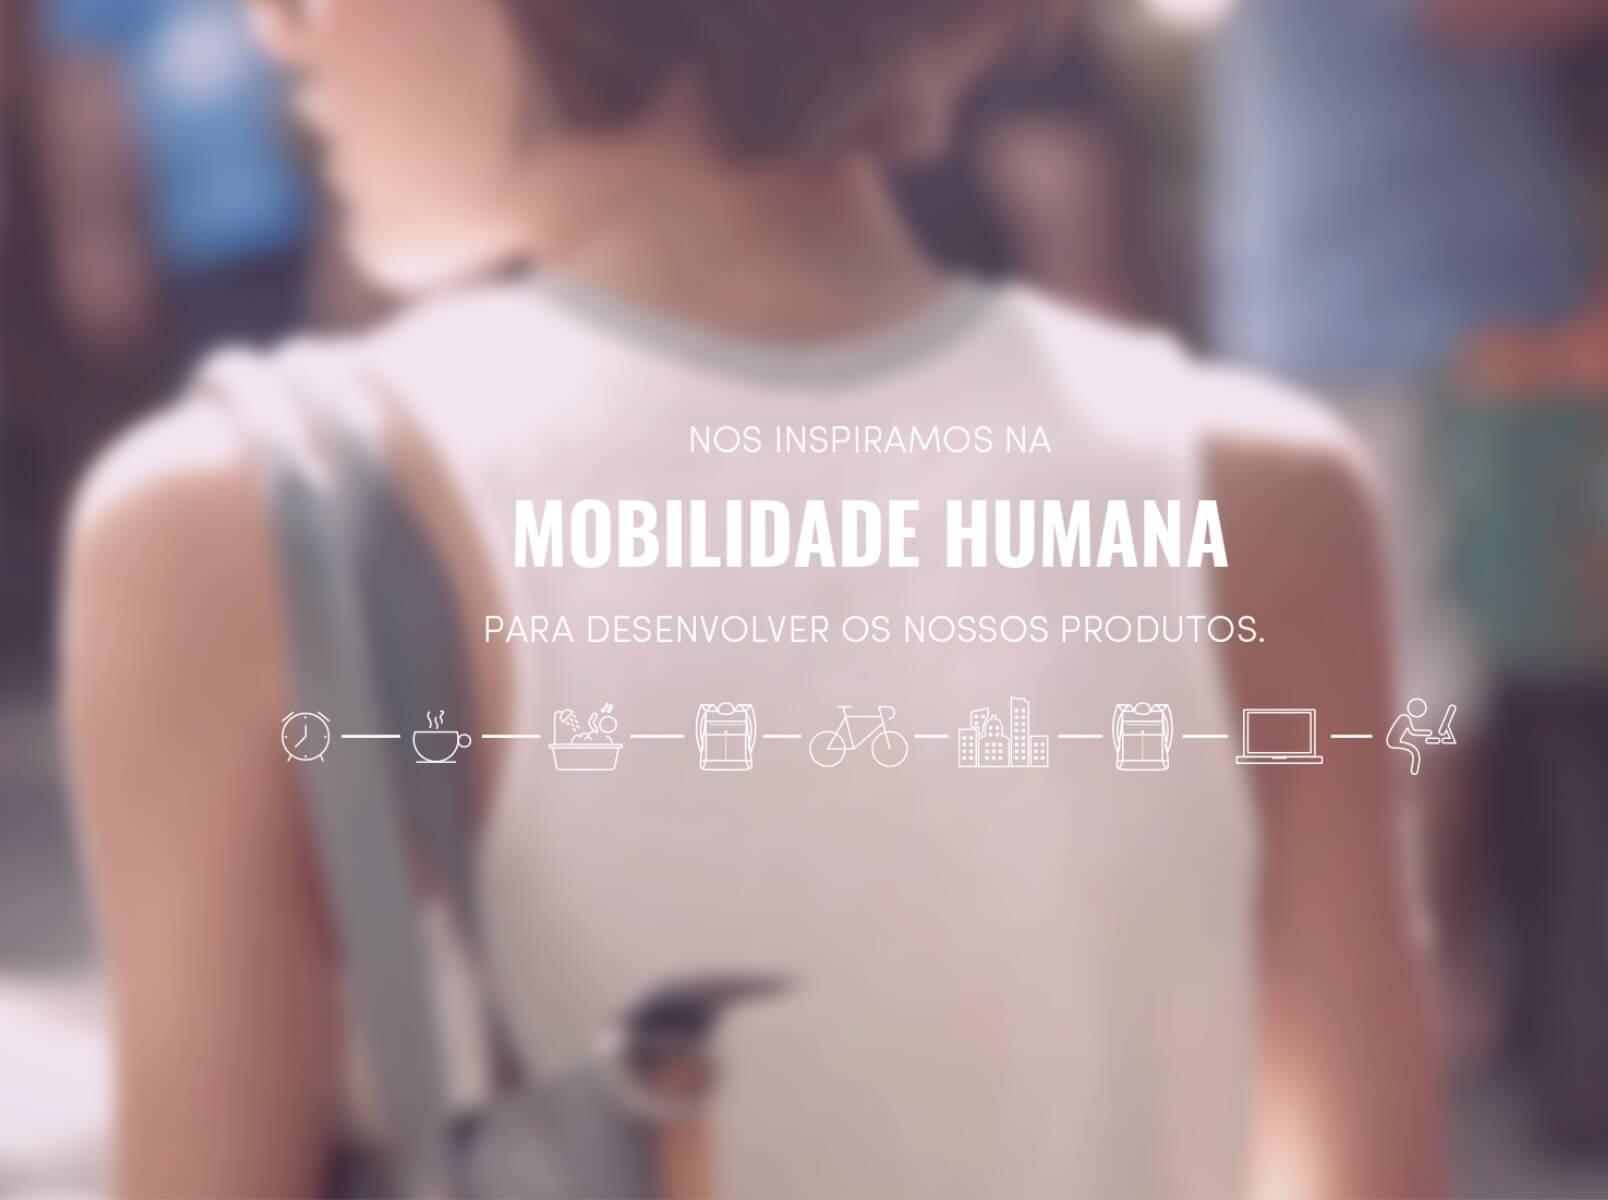 [sobre] fullbanner mobile 2